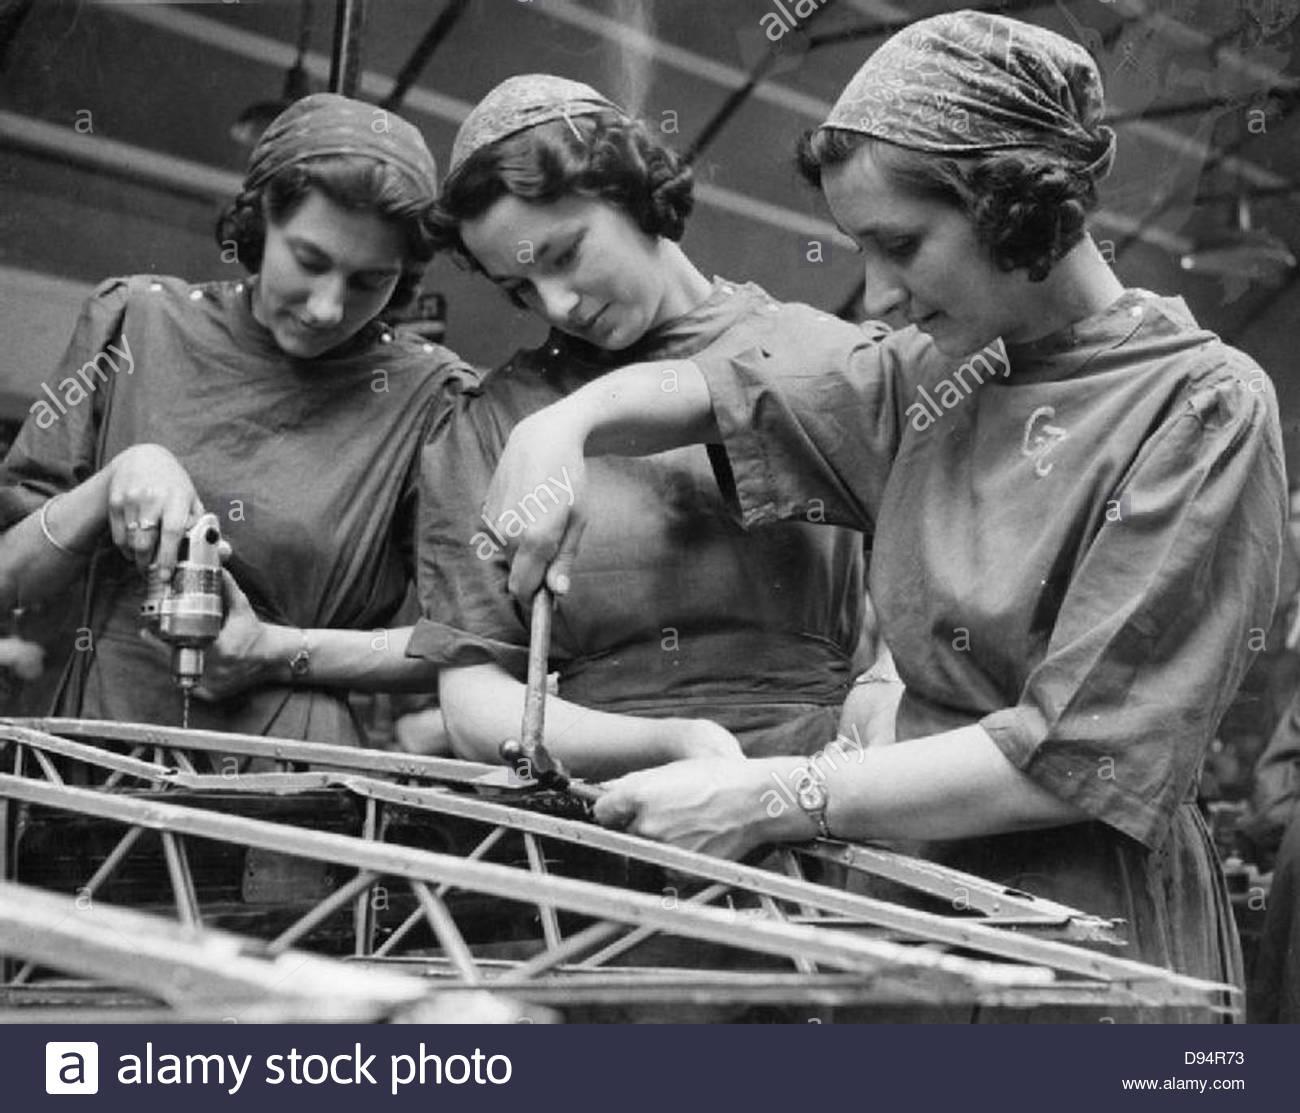 Usine de femmes le travail de guerre au centre de formation de Slough, Angleterre, Royaume-Uni, 1941, D3627 Photo Stock